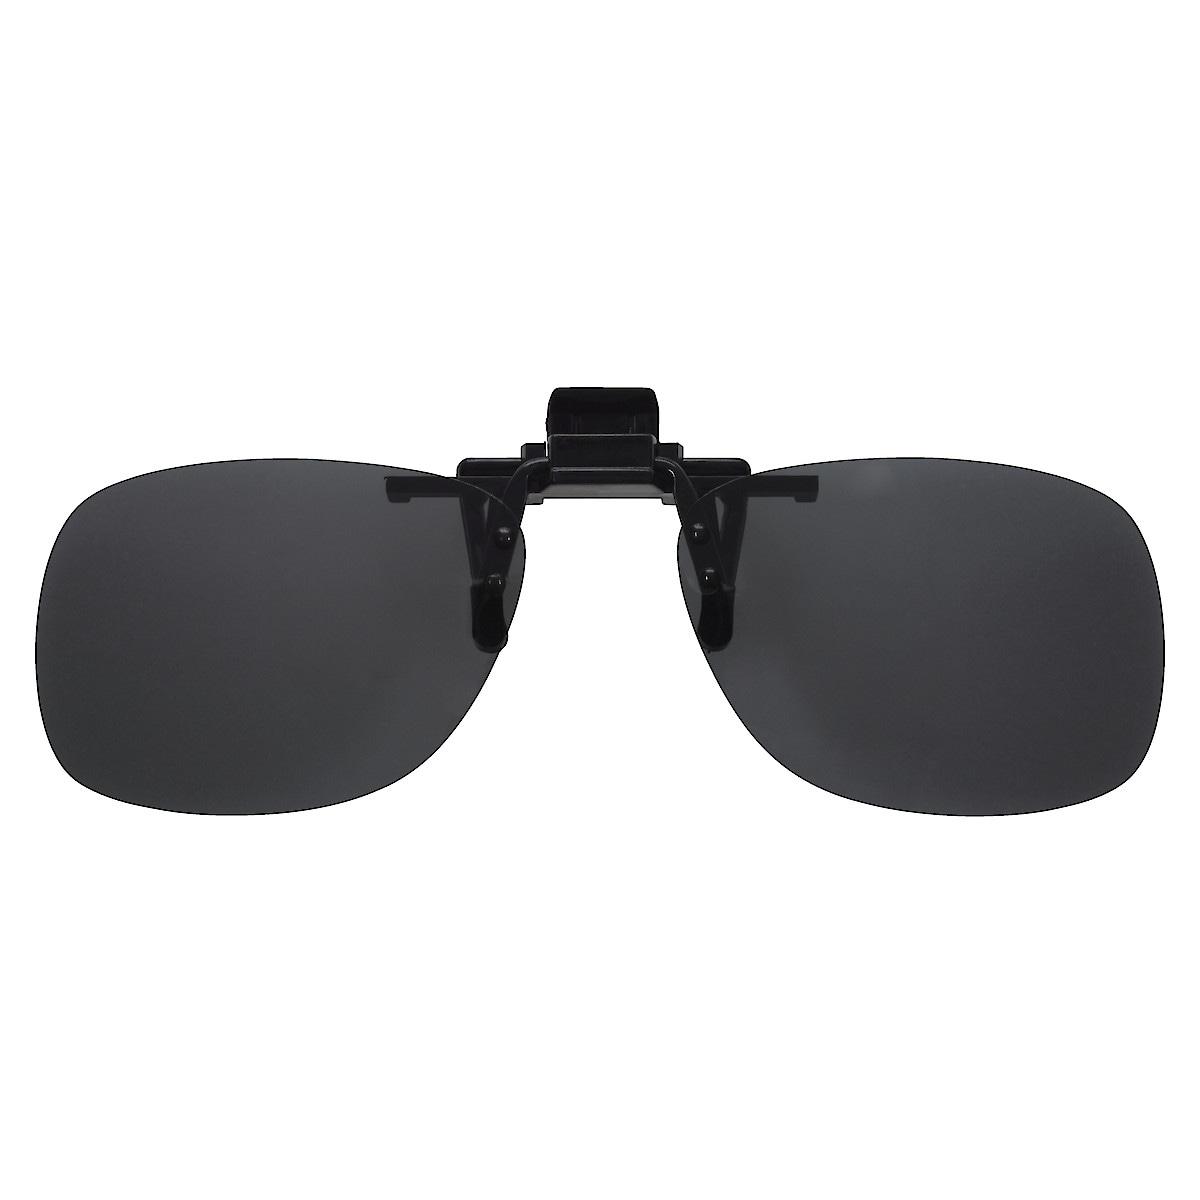 Solglasögon Clip-on